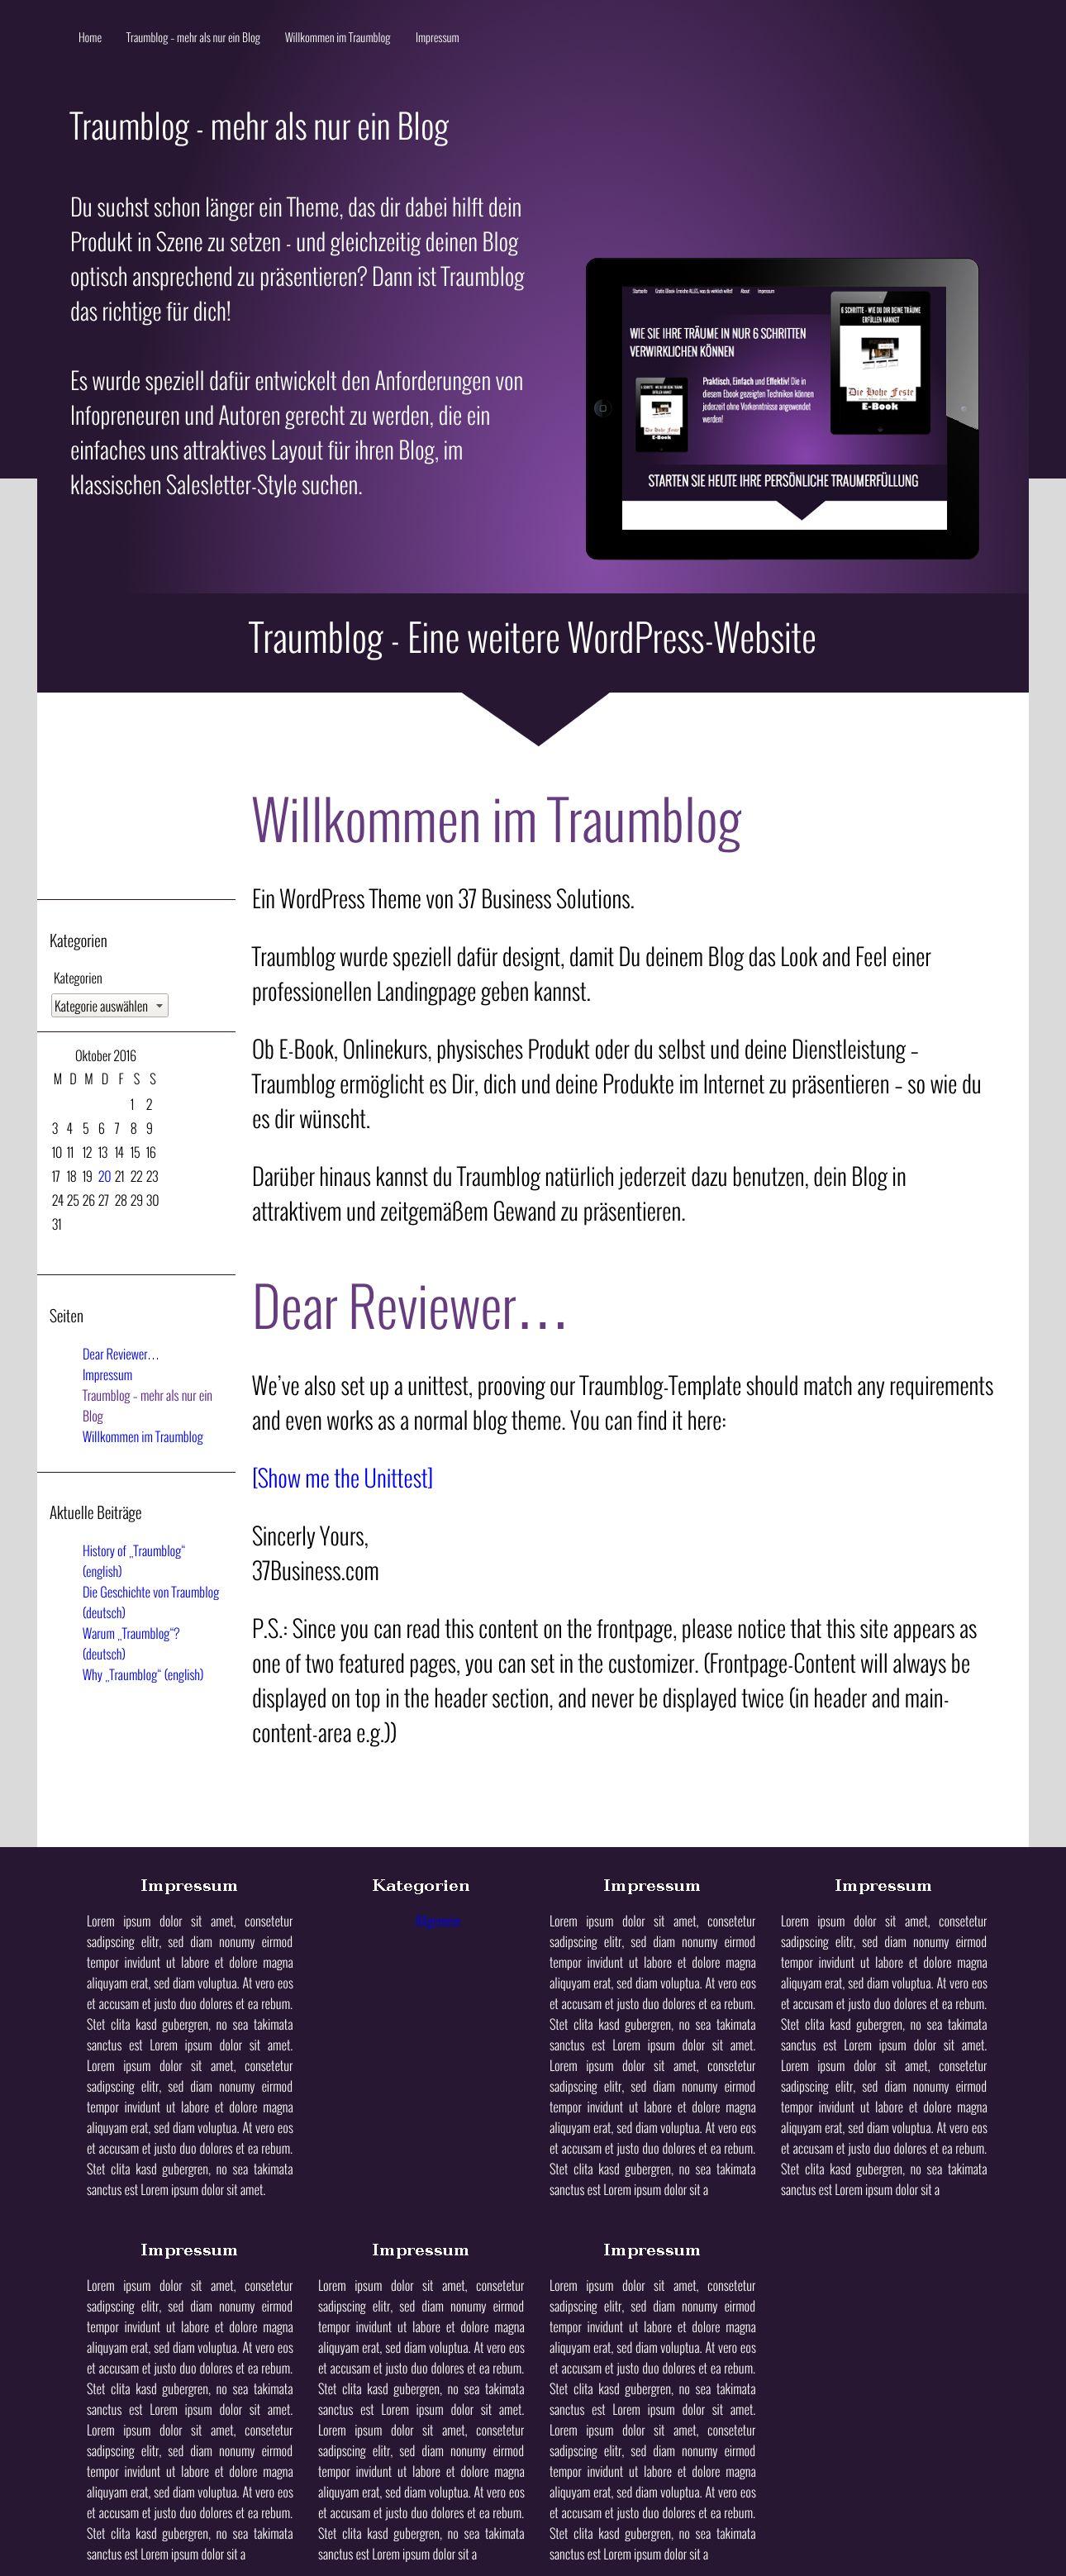 Großzügig Vorlage Wordpress Kostenlos Ansprechend Galerie - Entry ...